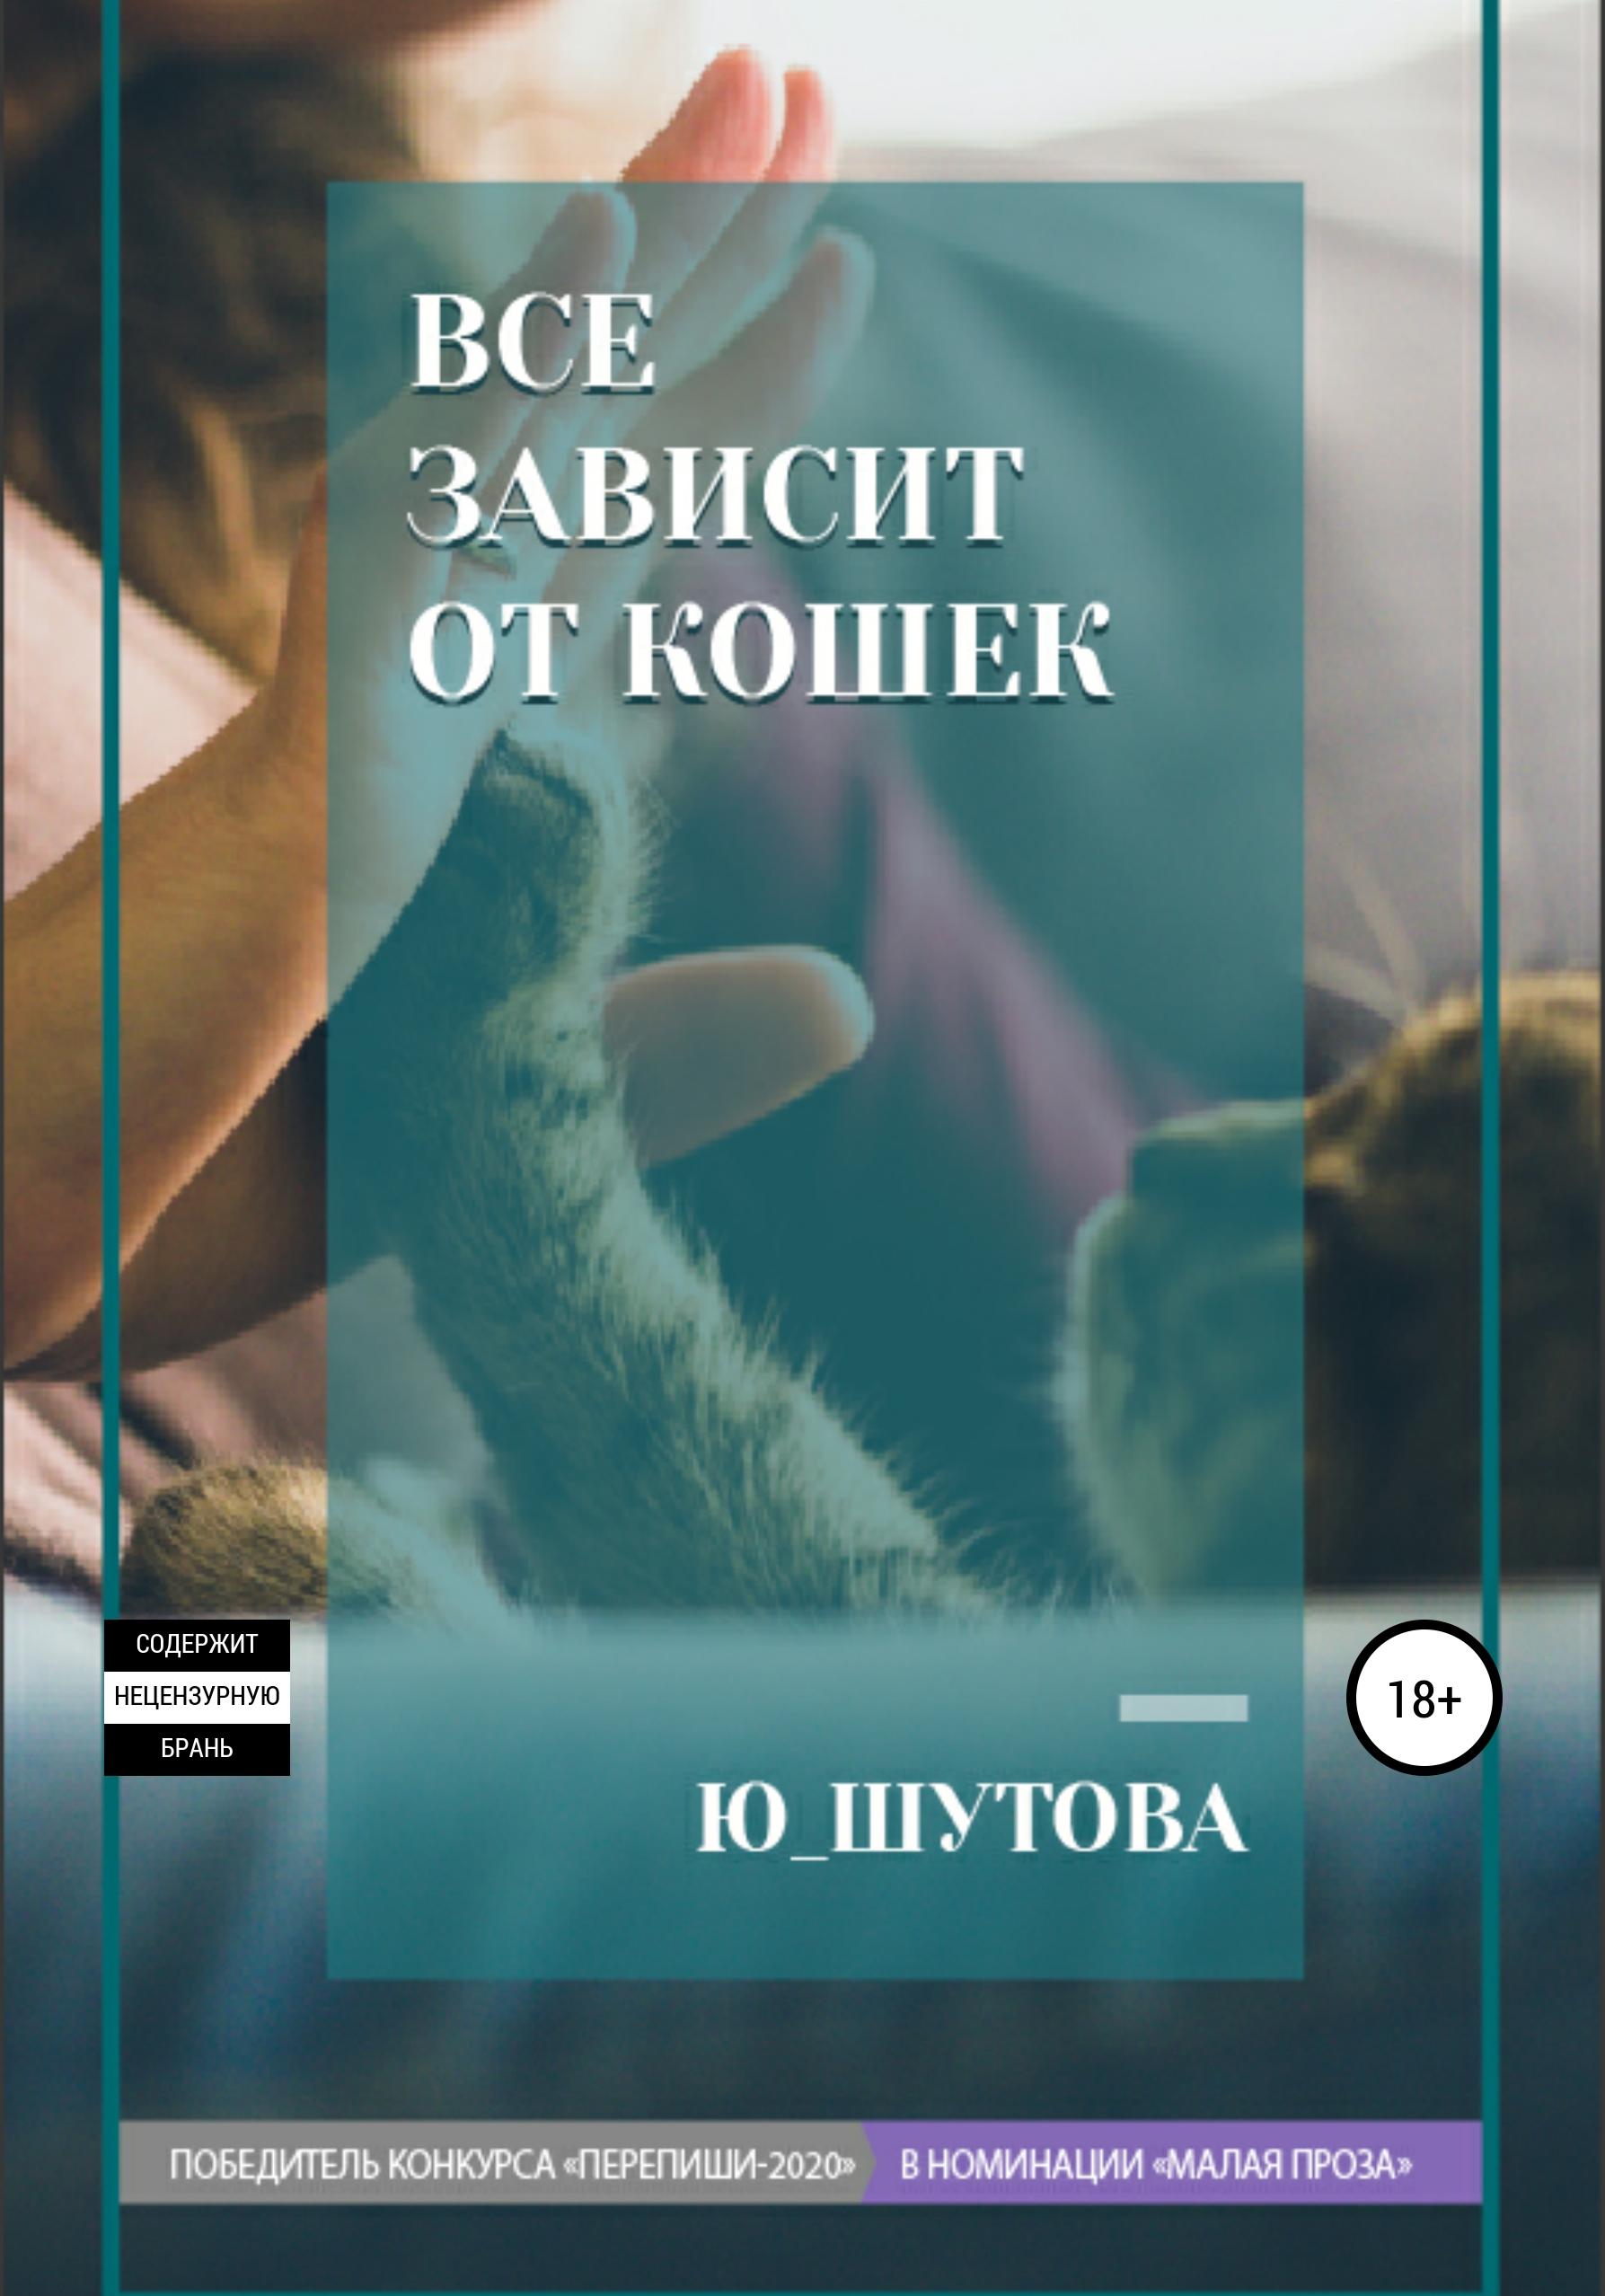 Купить книгу Все зависит от кошек, автора